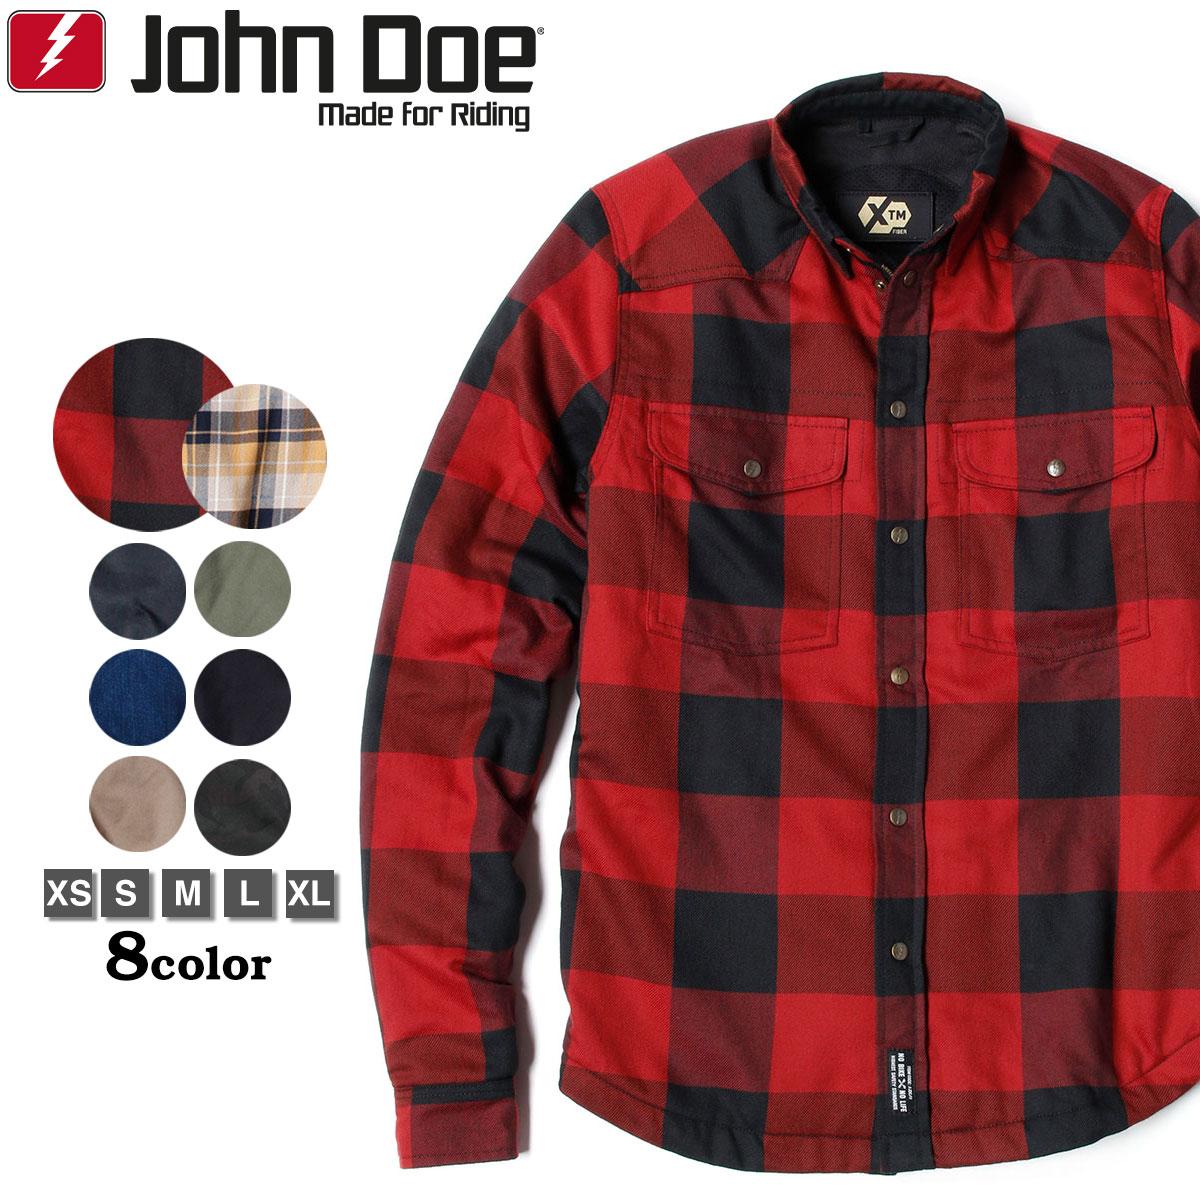 常に革新を目指 パフォーマンスを追求し続けているドイツのライディングギアブランド John Doe ジョン ドゥー 上等 XTM アウター バイク ランバージャックスタイル モトシャツ ライディングジャケット CE認定 税込 シャツ型ジャケット